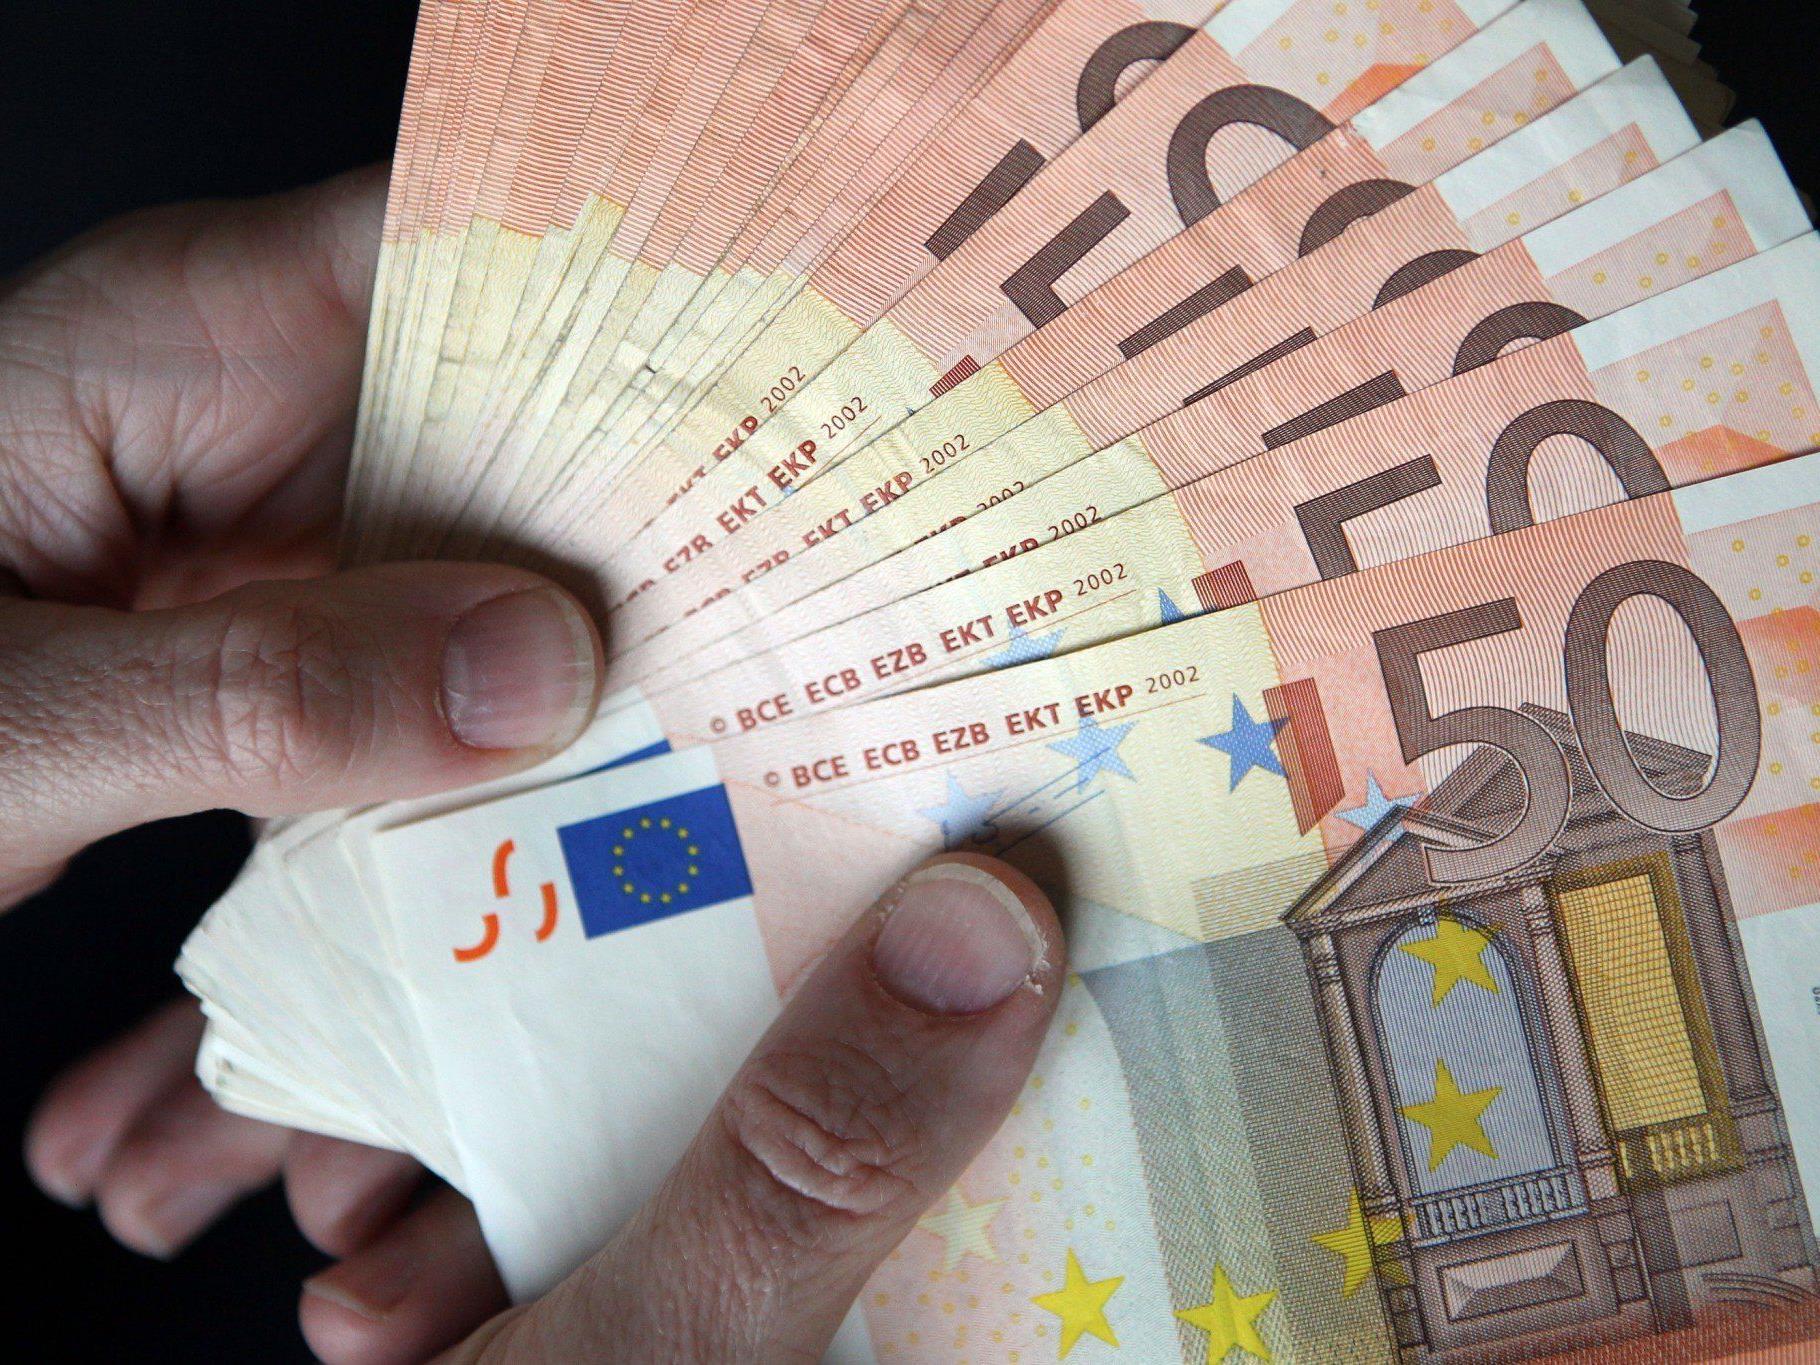 Jeder Arbeitnehmer kann sich durchschnittlich rund 300 Euro vom Finanzamt zurückholen.